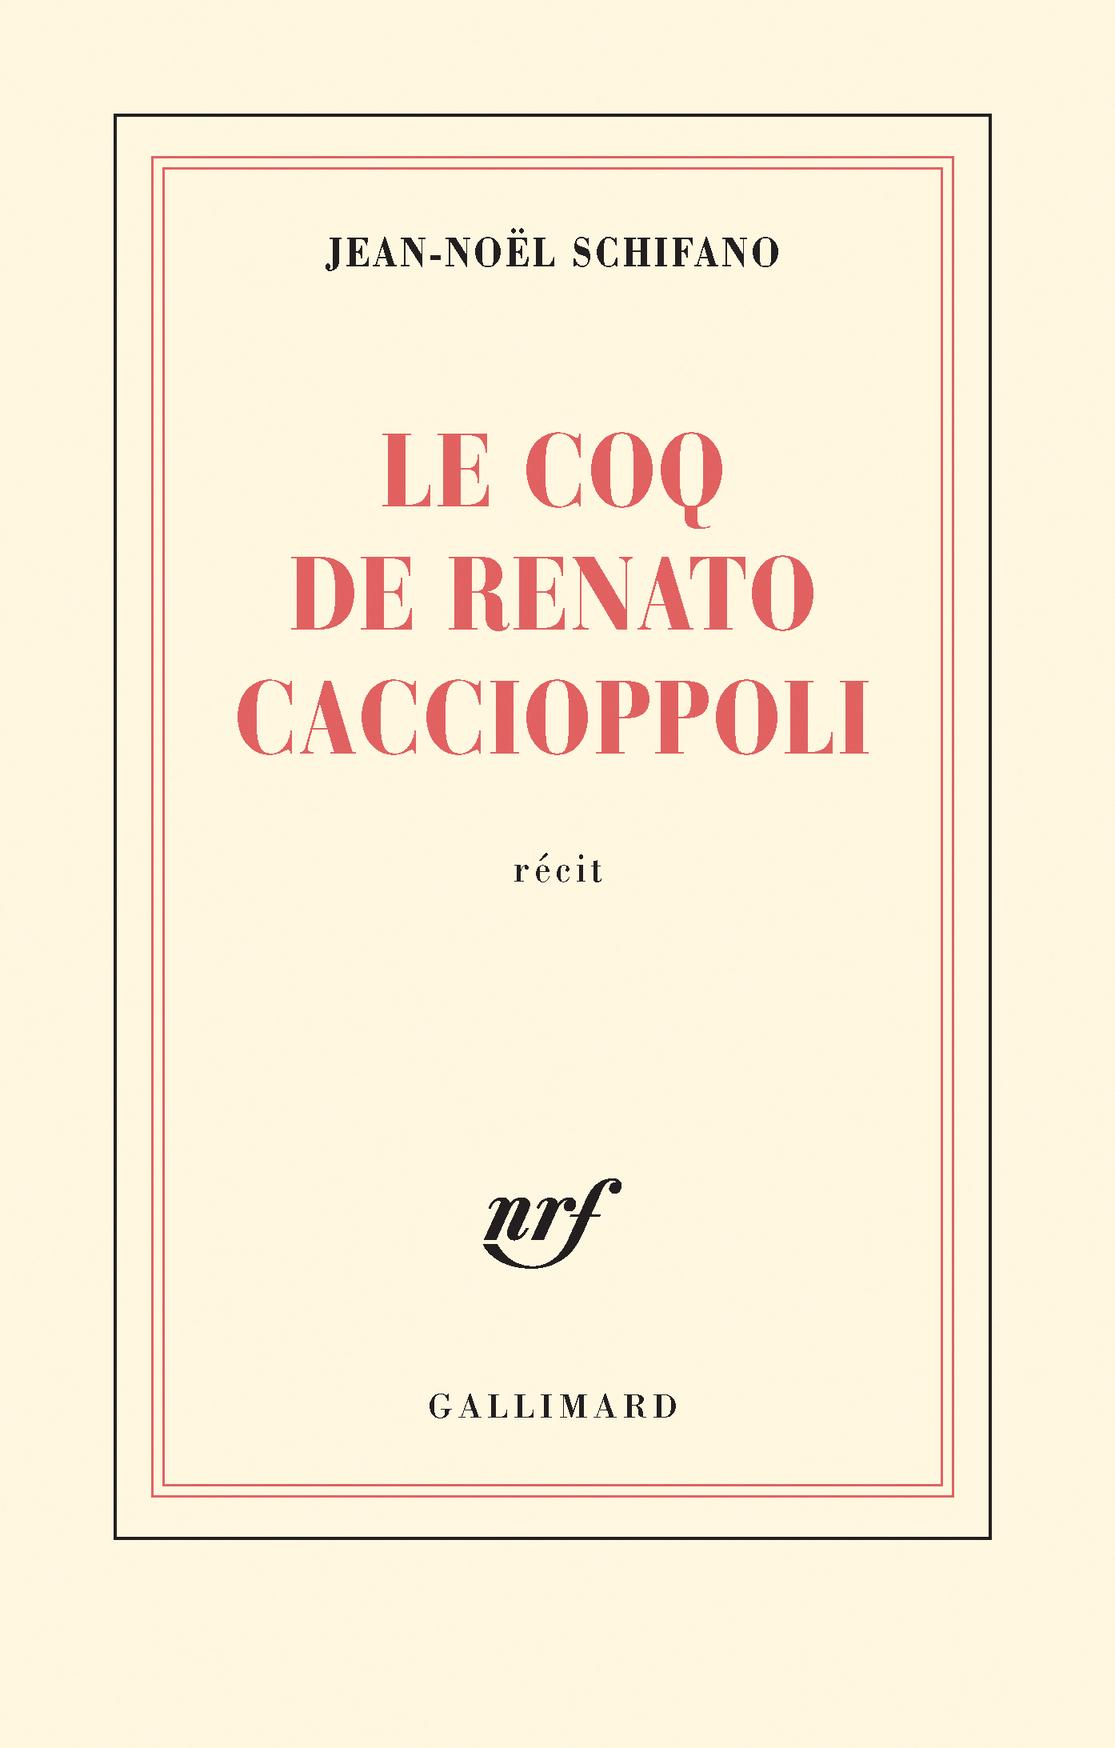 Le coq de Renato Caccioppoli